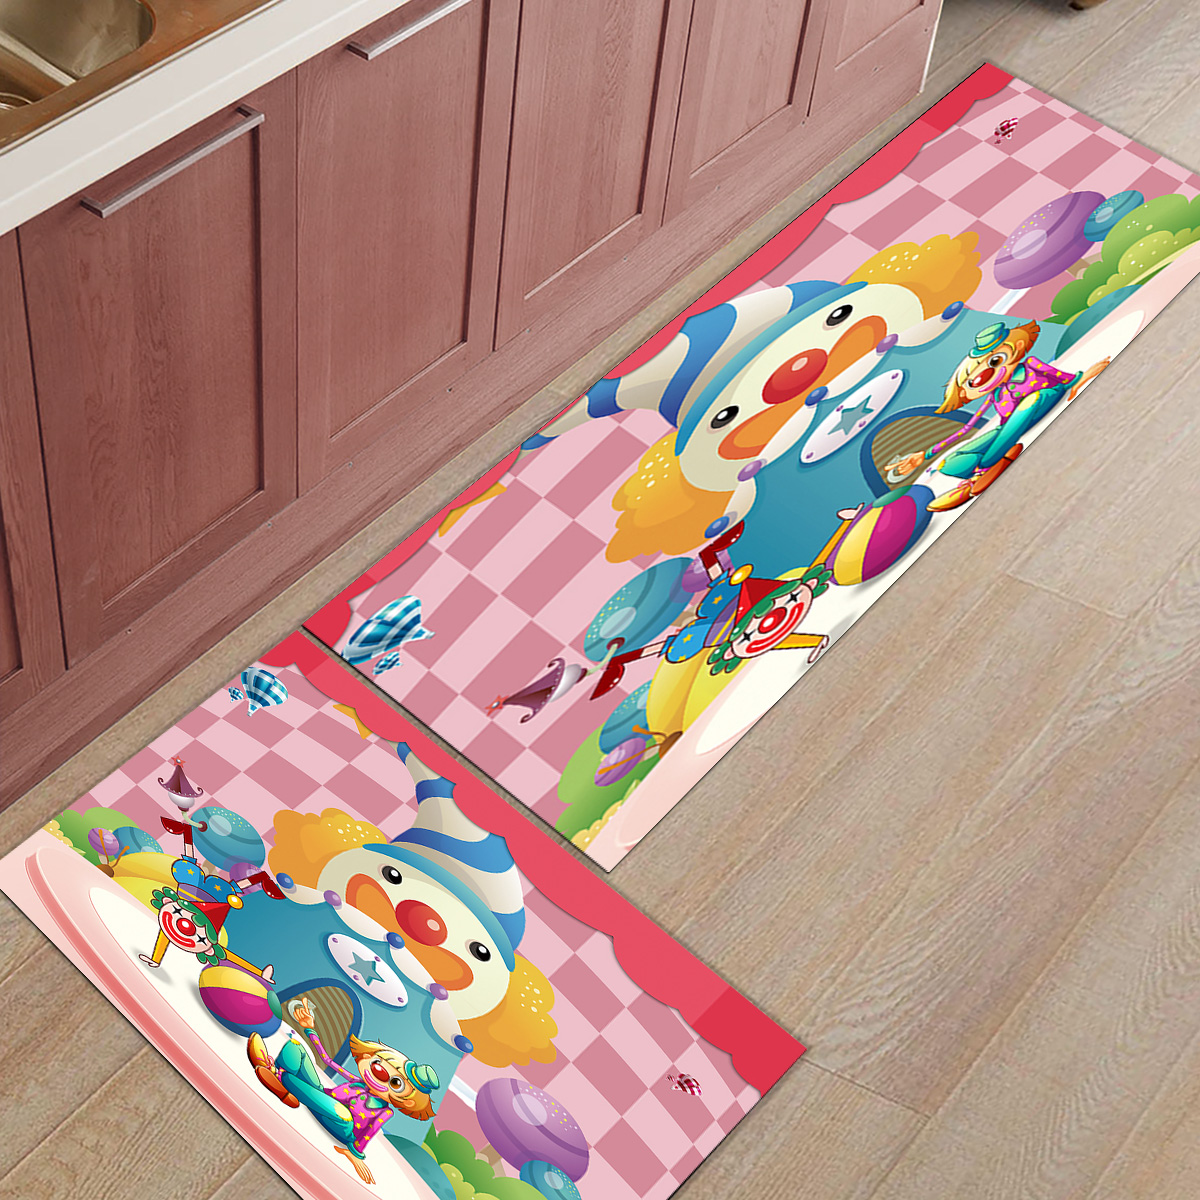 Bande dessinée Clown 2 pièce cuisine tapis paillassons pour entrée voie saleté débris boue trappeur chaussures de démarrage grattoir accessoire ensembles plancher